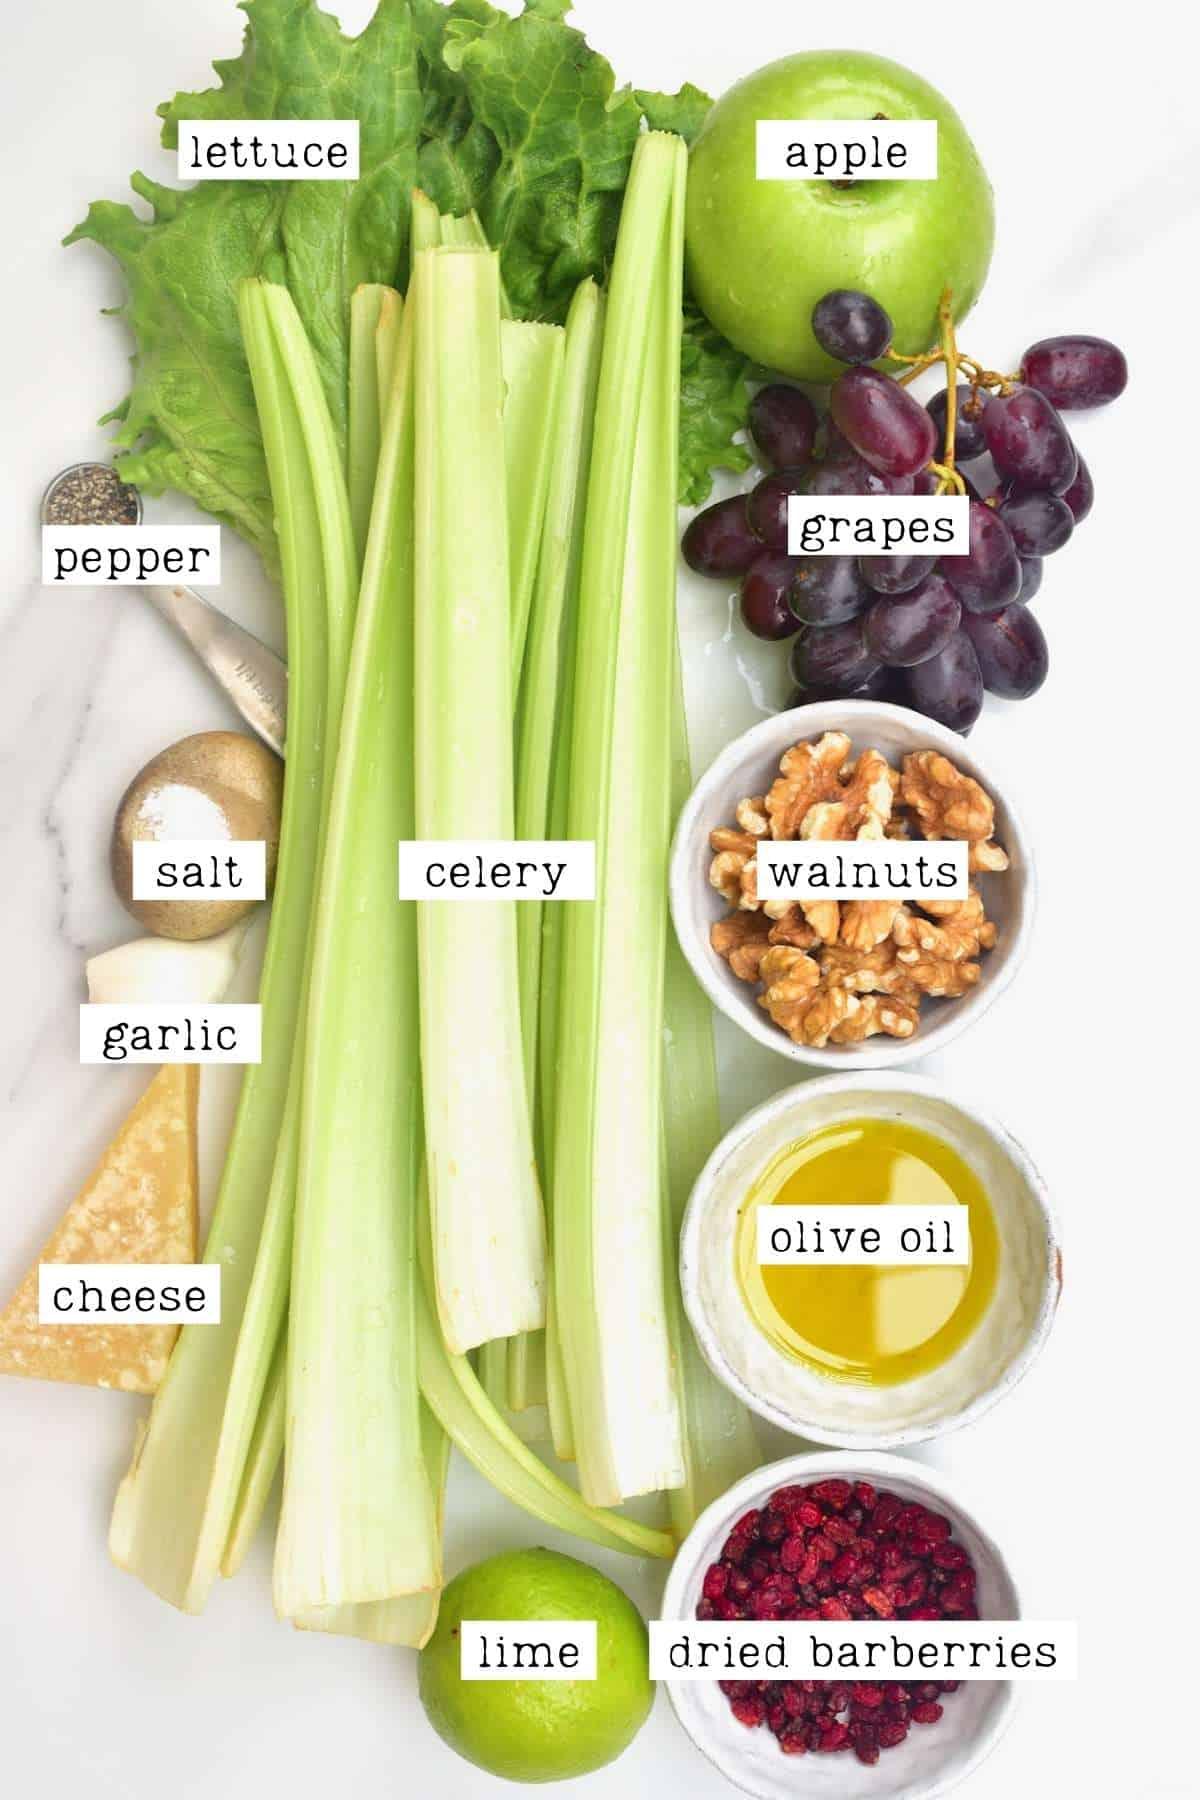 Ingredients for Celery Salad